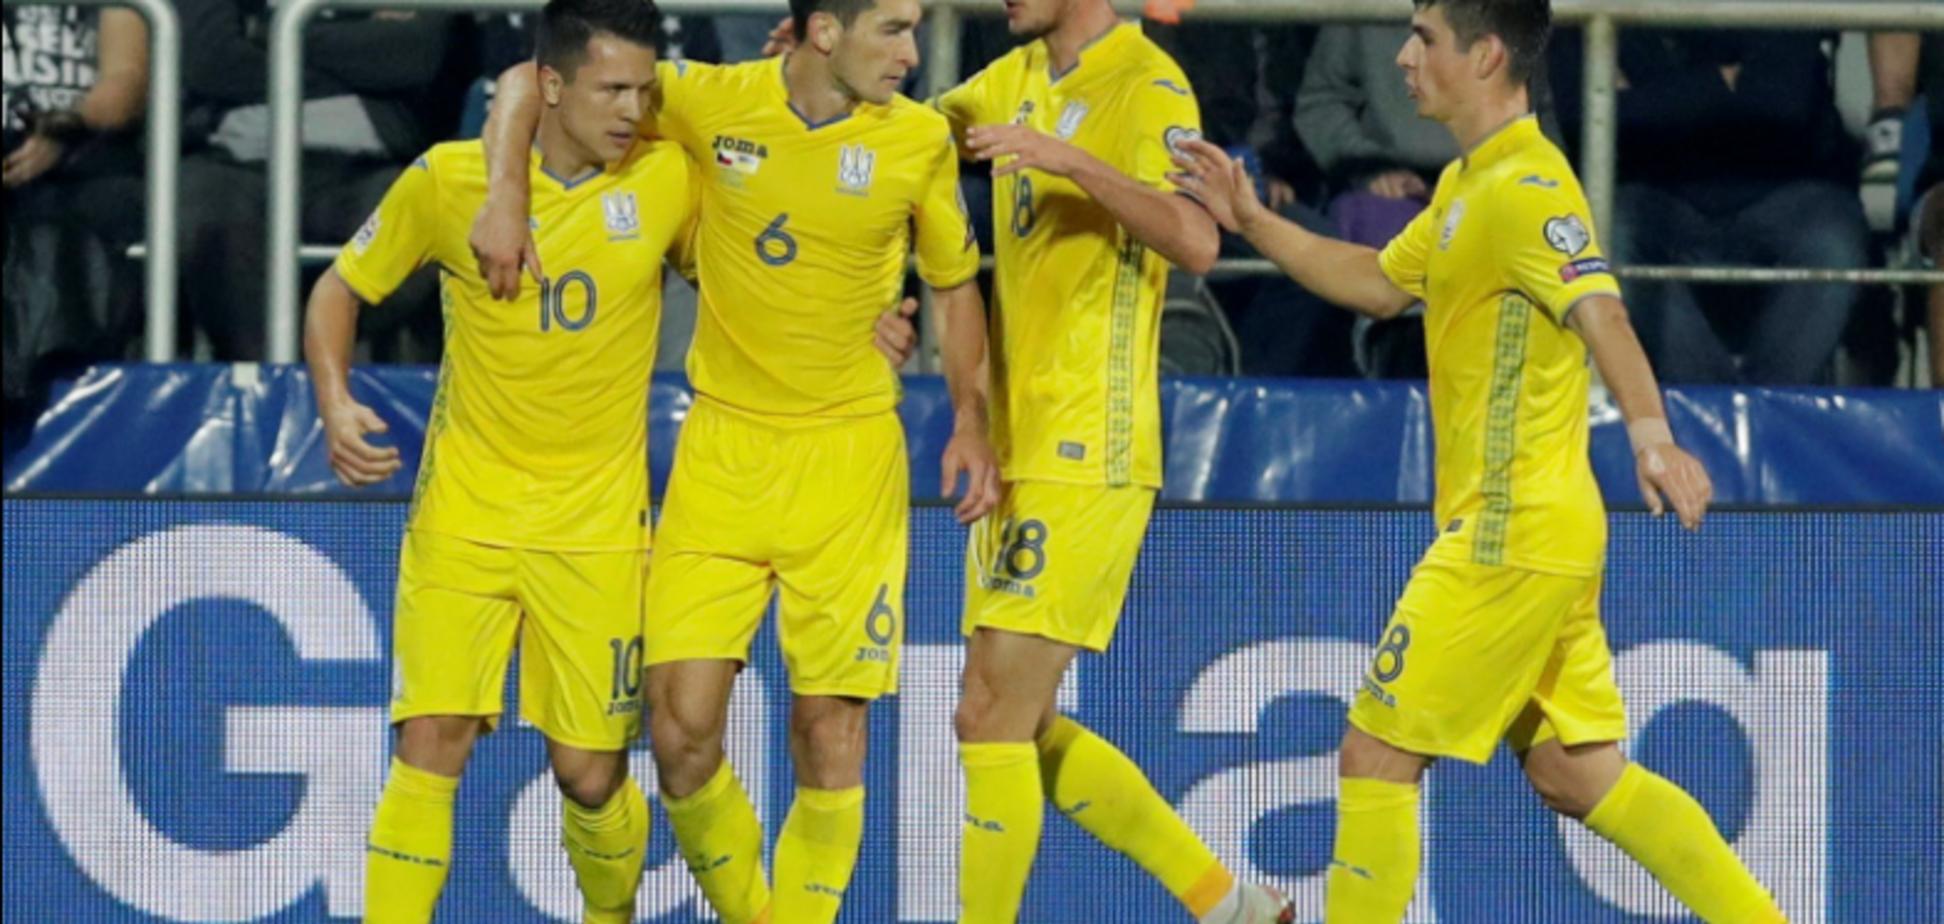 Футболісти збірної України яскраво віддячили фанатам за підтримку: опубліковано відео